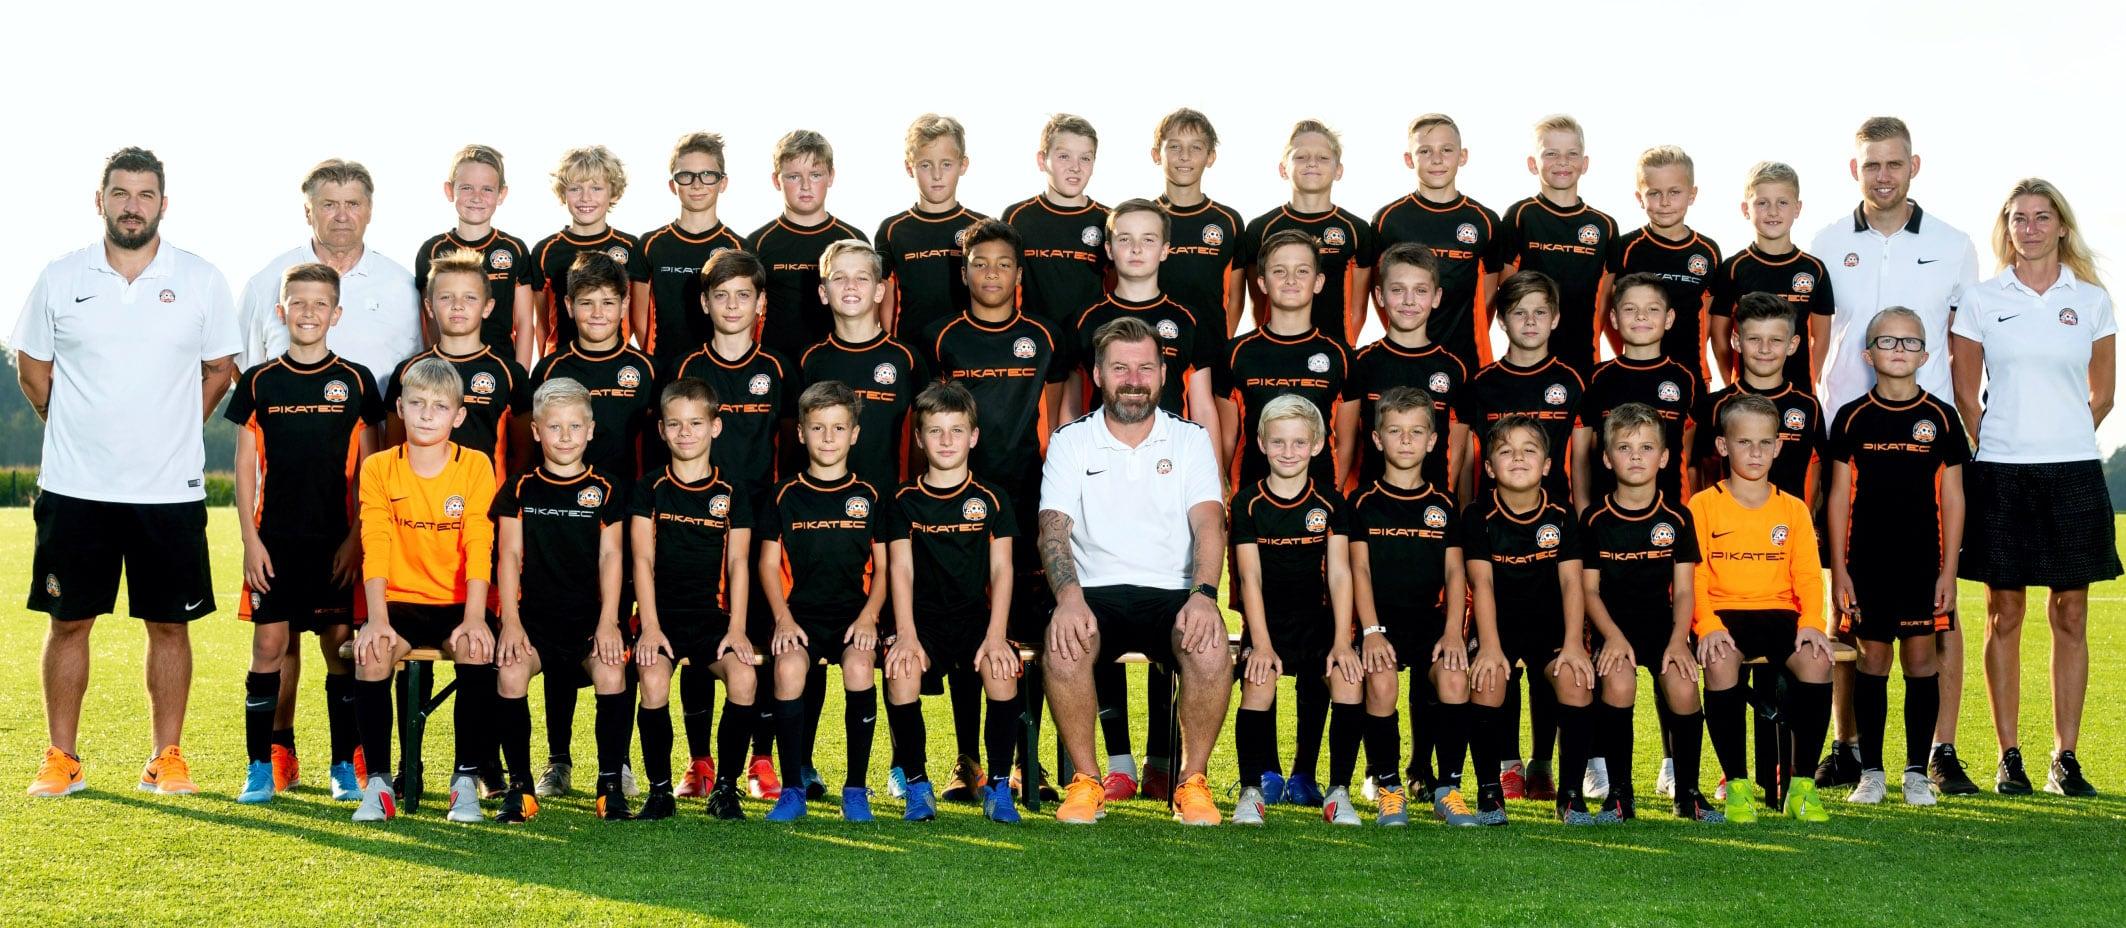 Football Tallent Academy.jpg